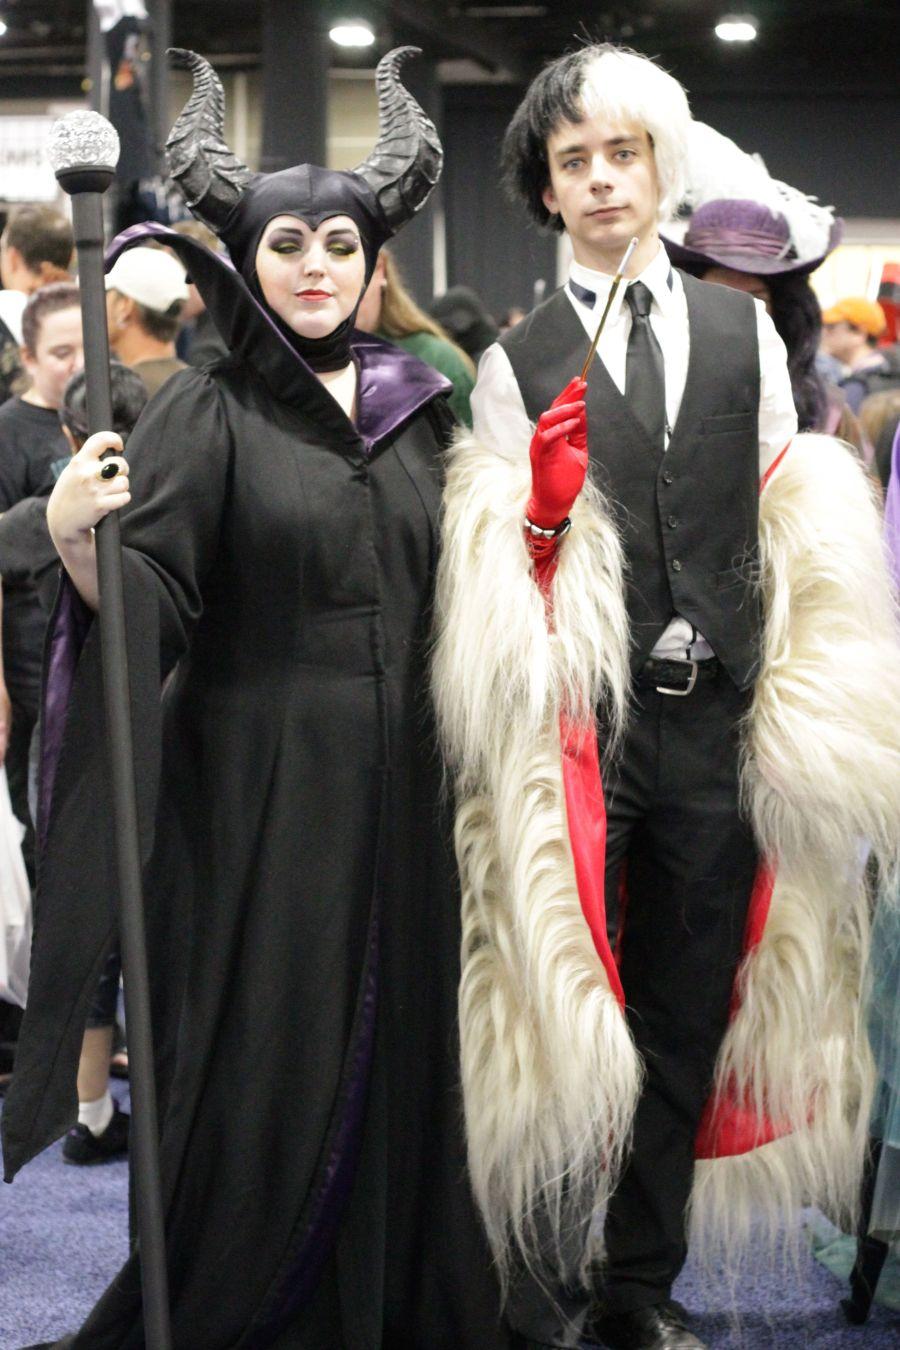 boston comic con august 8 costumes 39